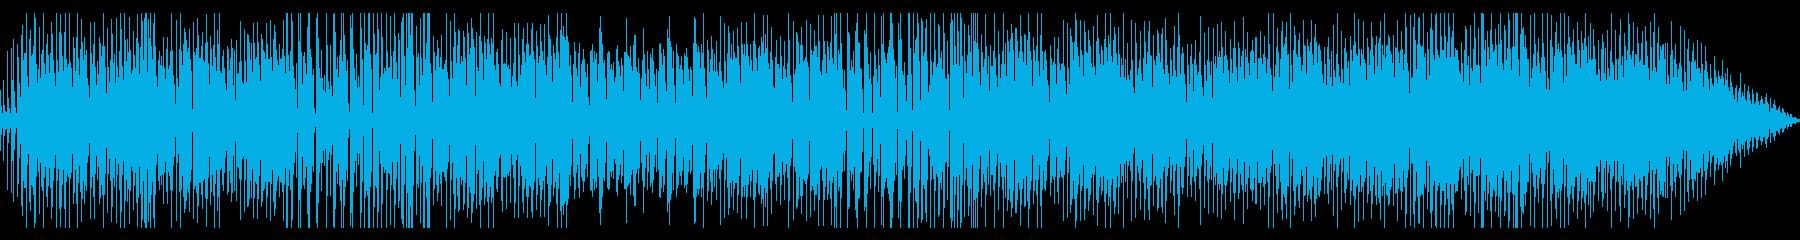 のんびりほんわかなインストの再生済みの波形